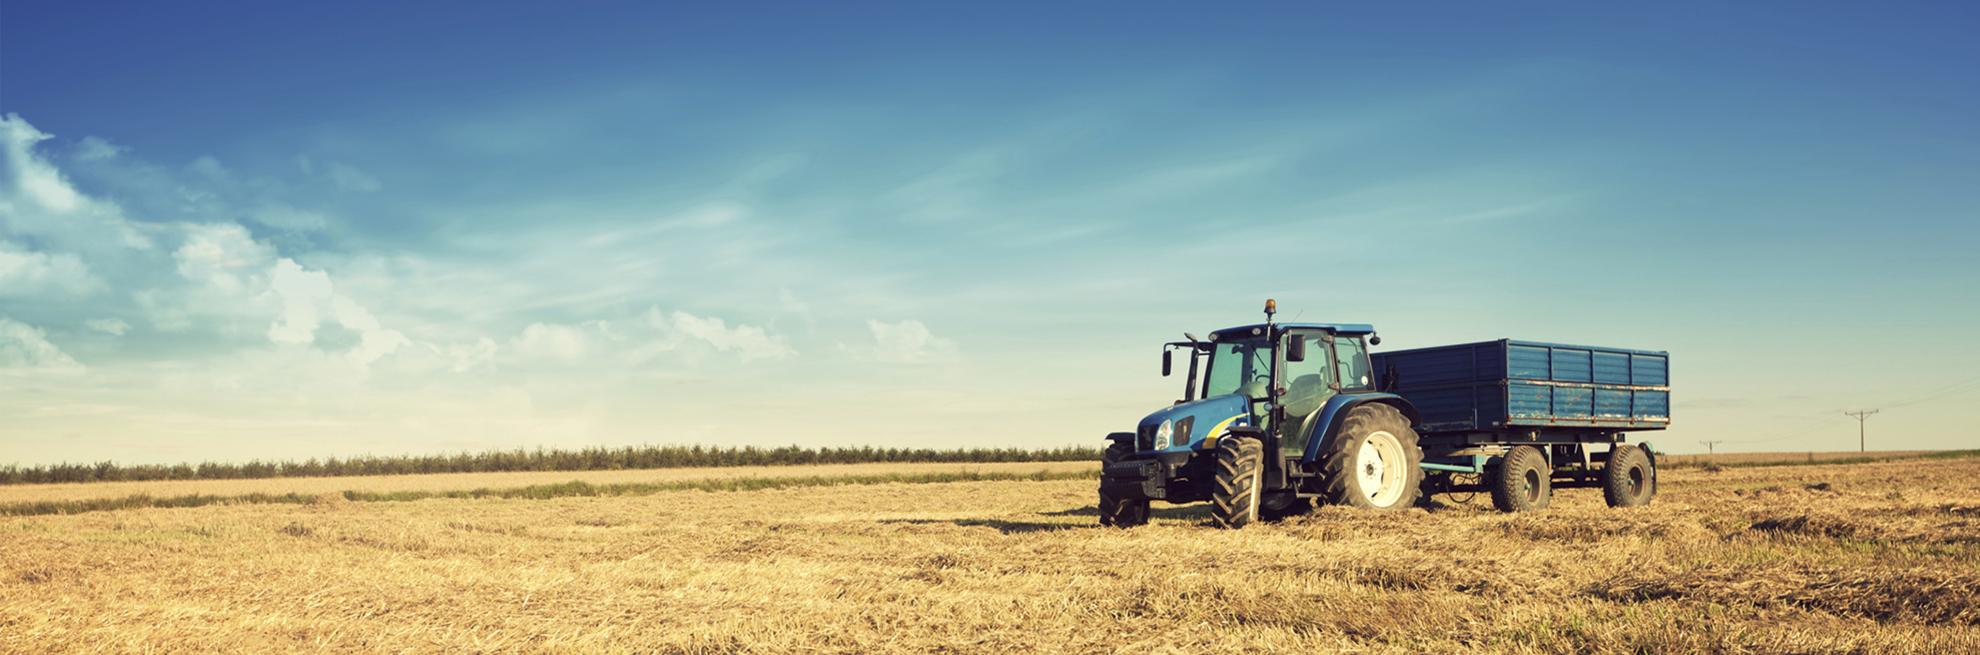 trattore con rimorchio in campo aperto